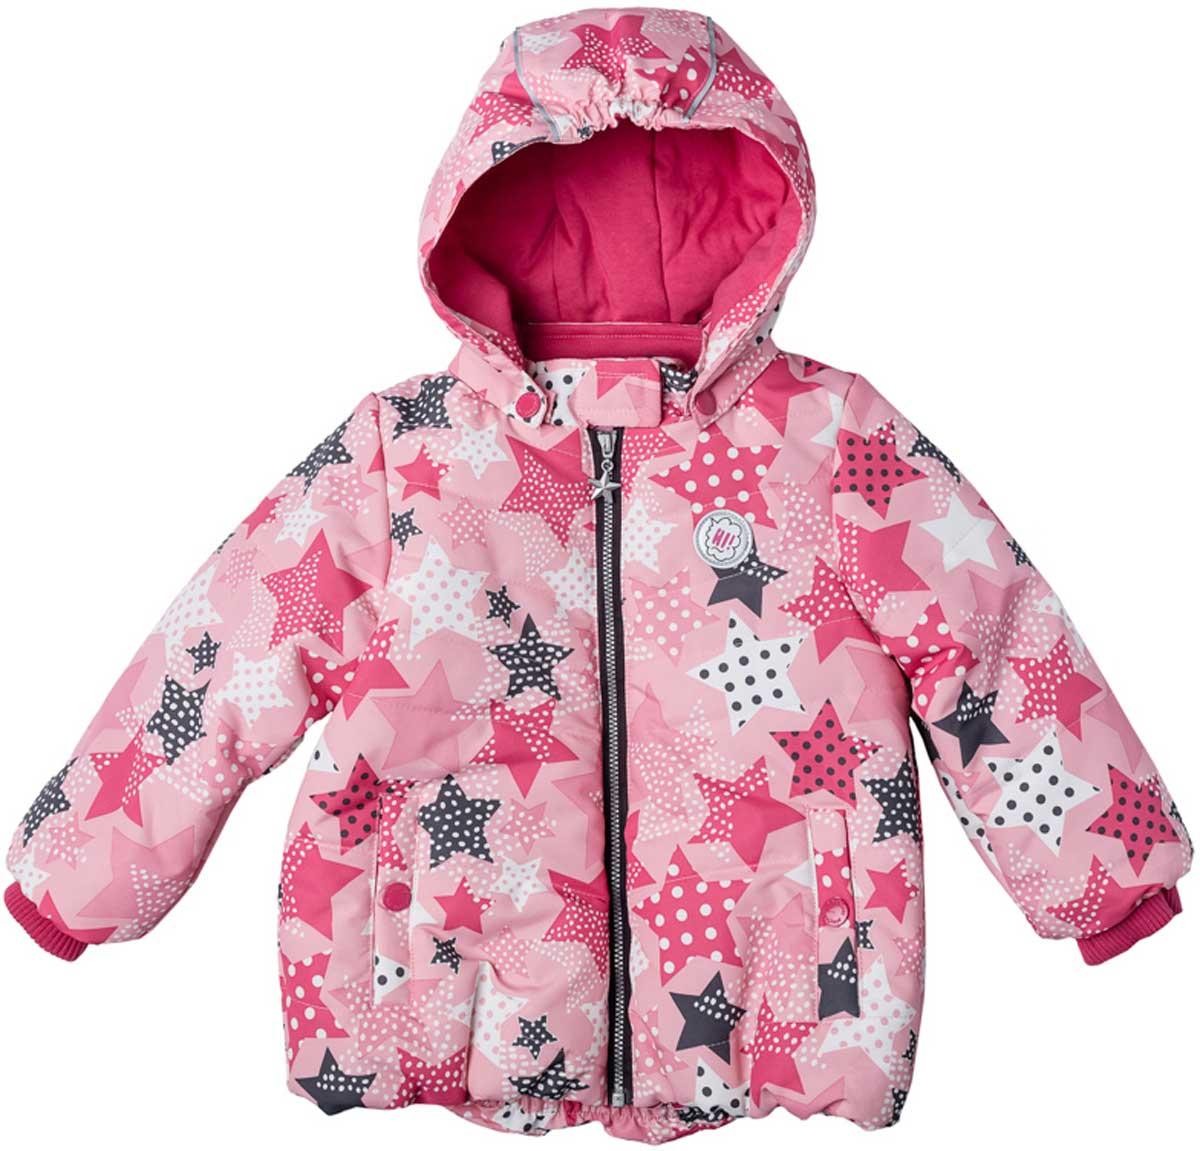 Куртка для девочки PlayToday, цвет: светло-розовый, розовый, белый, серый. 178001. Размер 80178001Практичная утепленная куртка с капюшоном со специальной водоотталкивающей пропиткой защитит вашего ребенка в любую погоду! Мягкие трикотажные резинки на рукавах защитят ребенка - ветер не сможет проникнуть под куртку. Специальный карман для фиксации застежки-молнии не позволит застежке травмировать нежную детскую кожу. Мягкая резинка на капюшоне не позволит ему упасть с головы вашего ребенка даже во время активных игр.